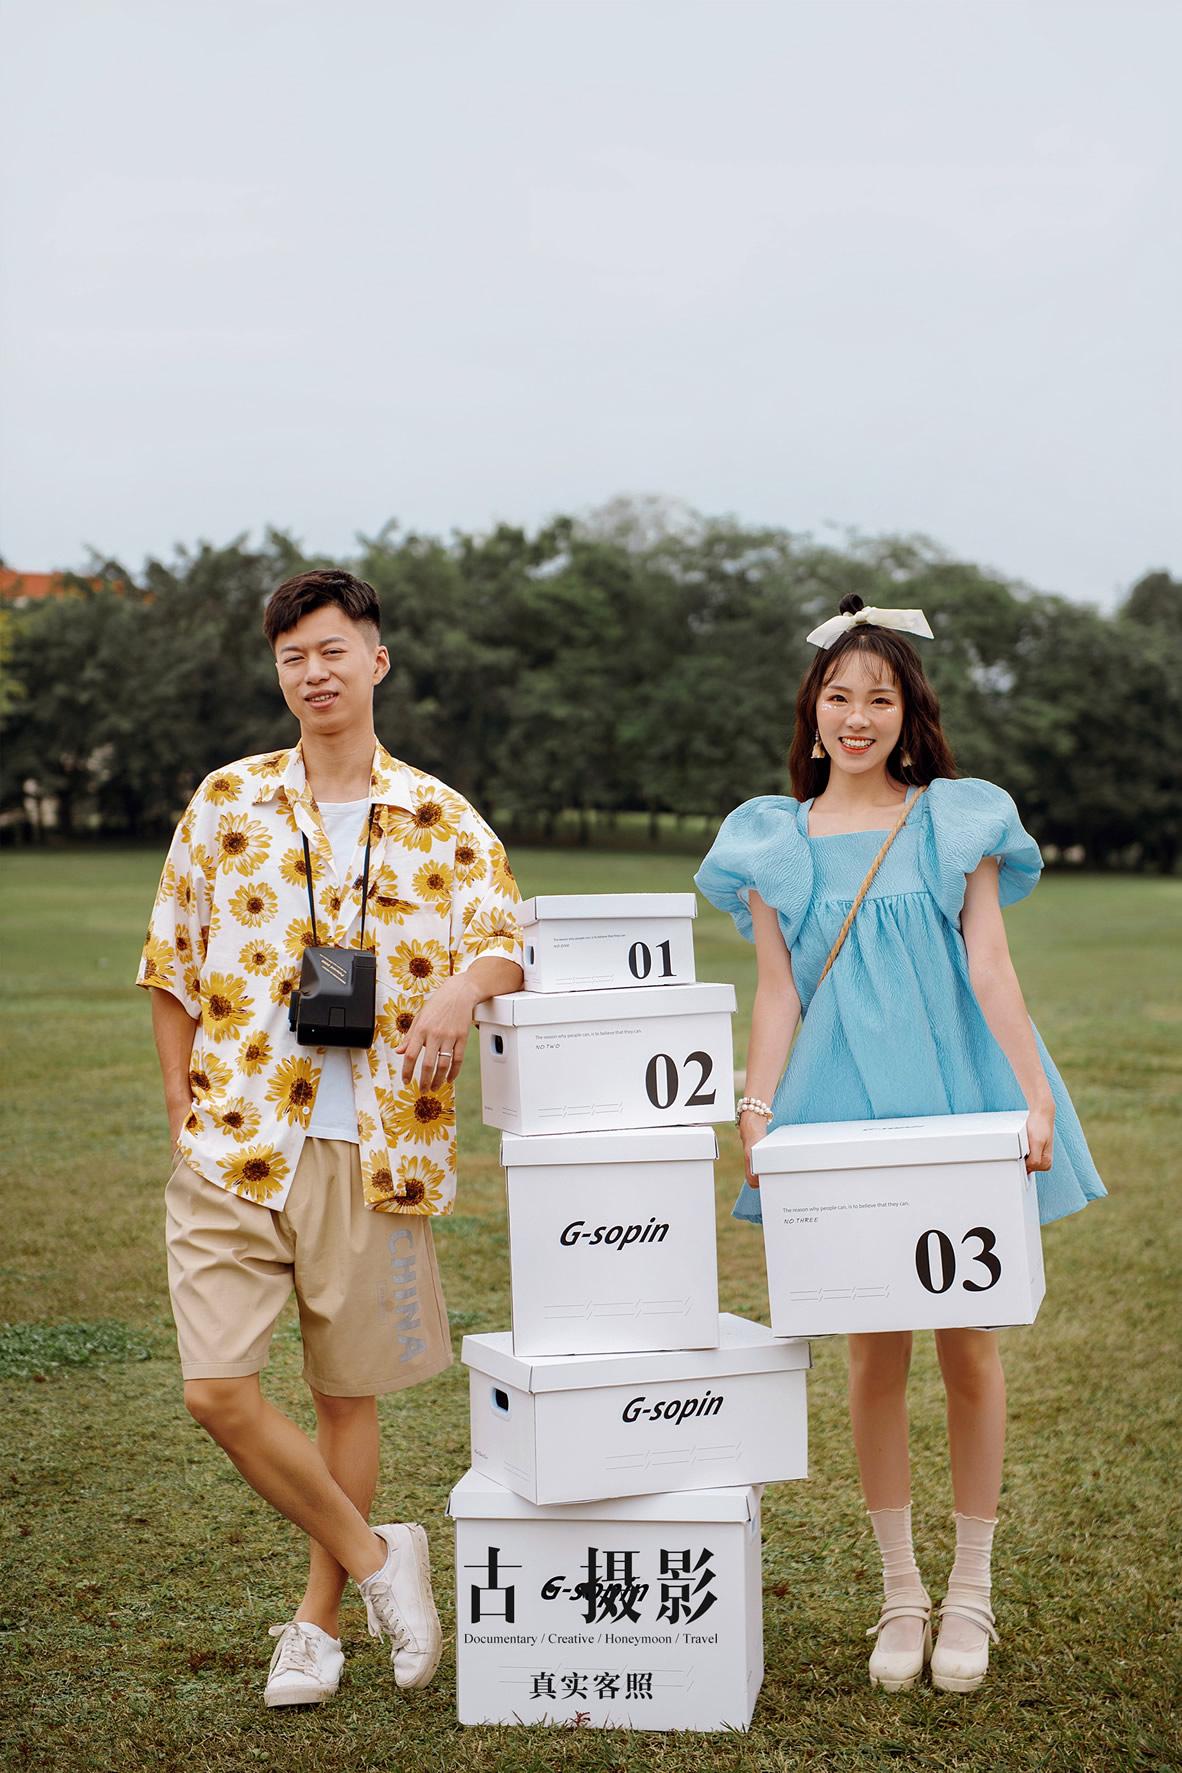 周先生 杨小姐 - 每日客照 - 古摄影婚纱艺术-古摄影成都婚纱摄影艺术摄影网